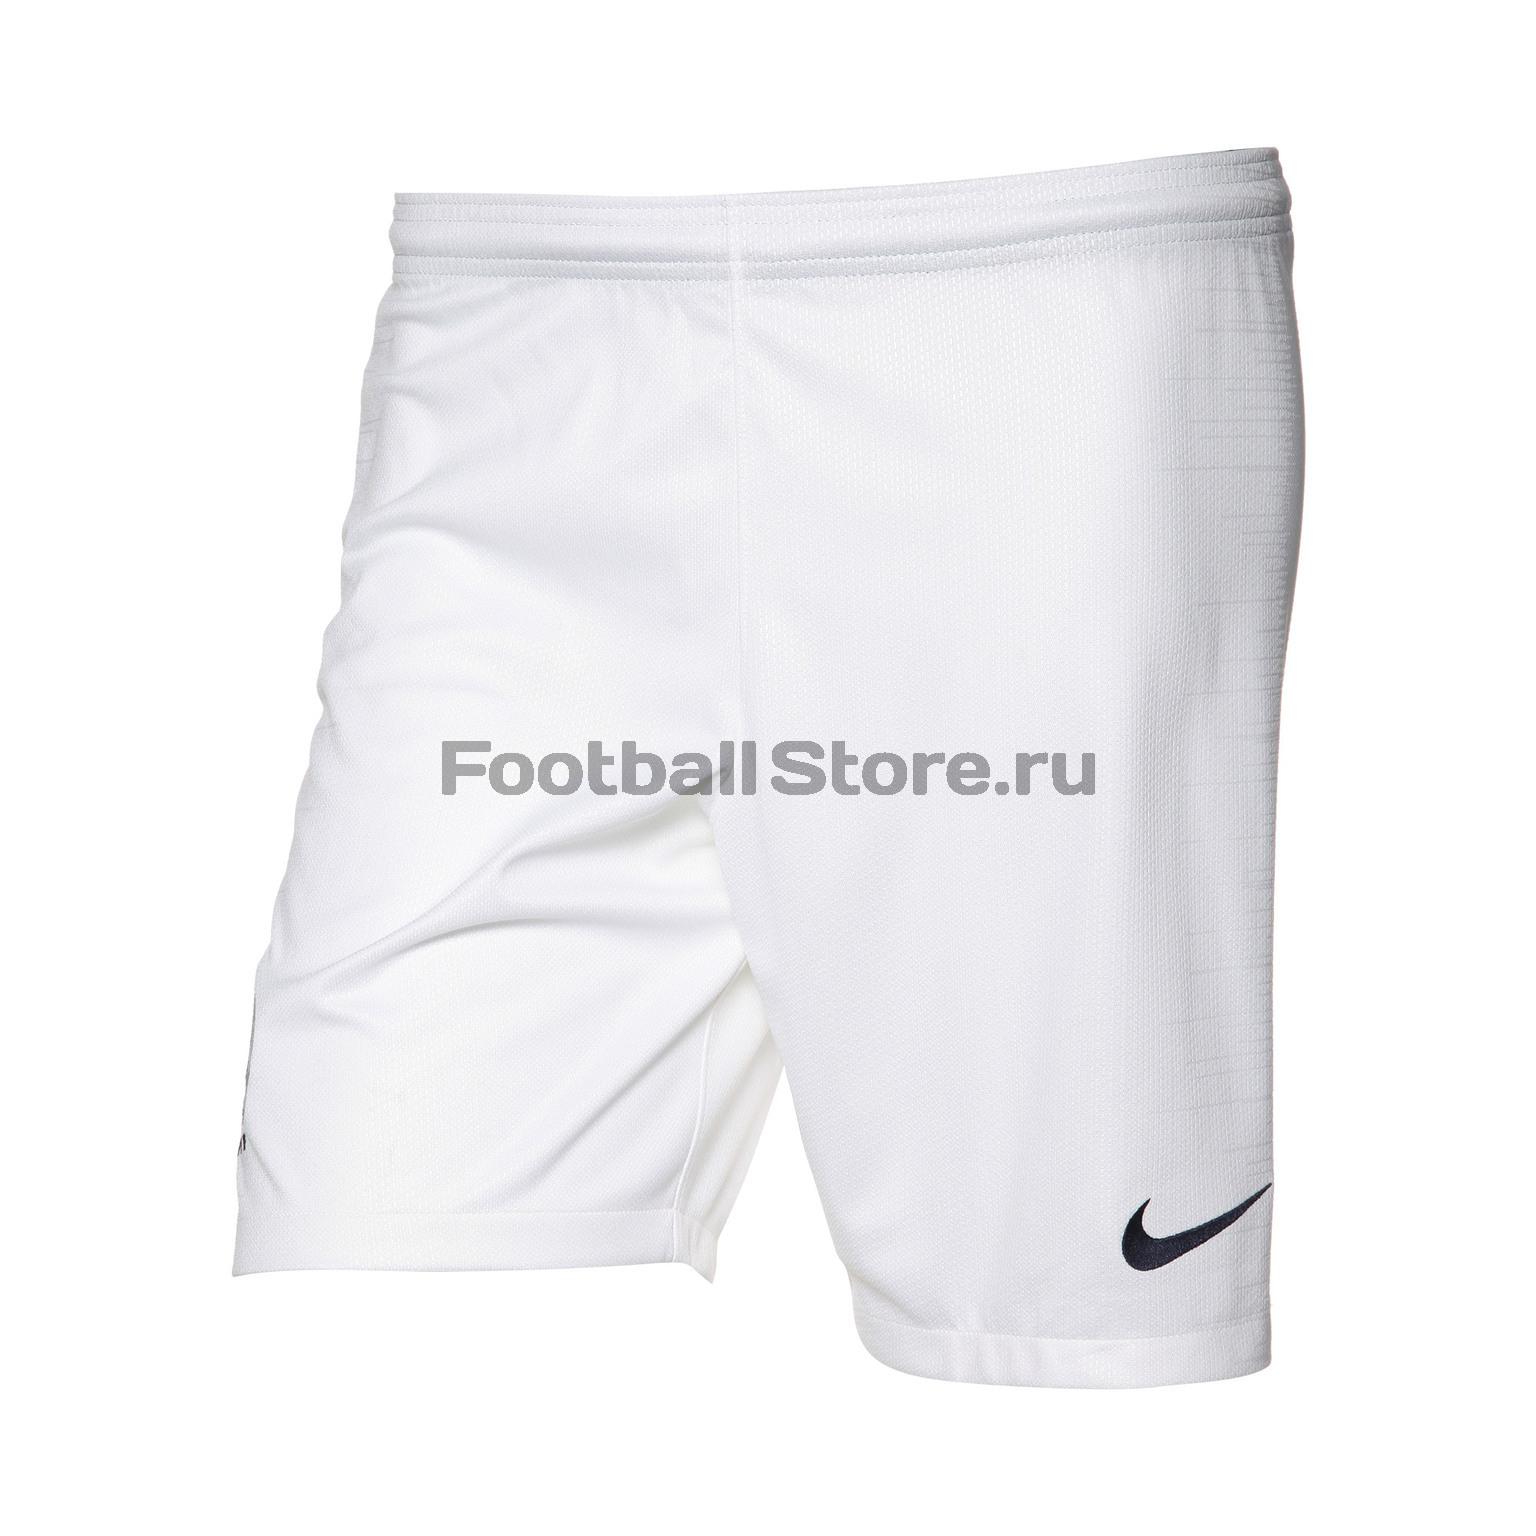 Шорты Nike сборной Франции 893930-100 цена